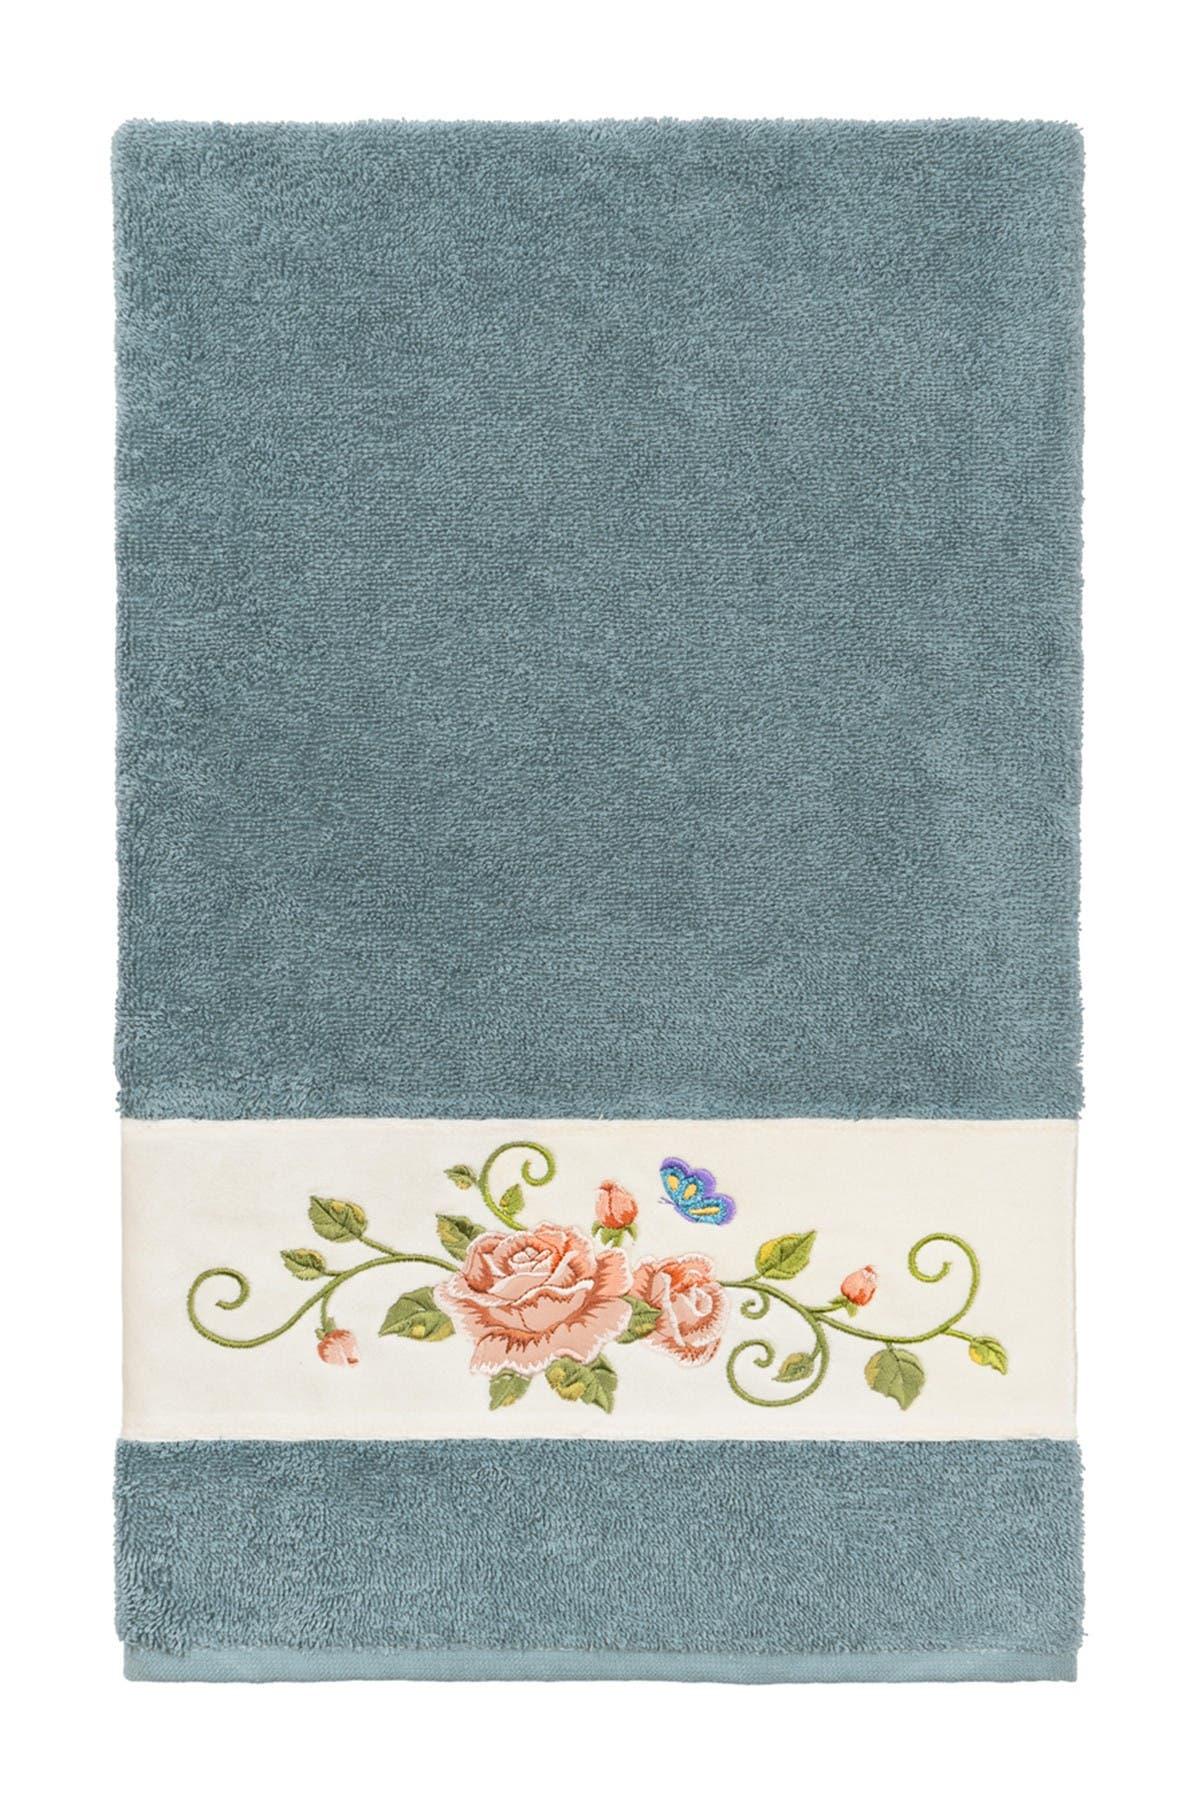 Image of LINUM HOME Teal Rebecca Embellished Bath Towel